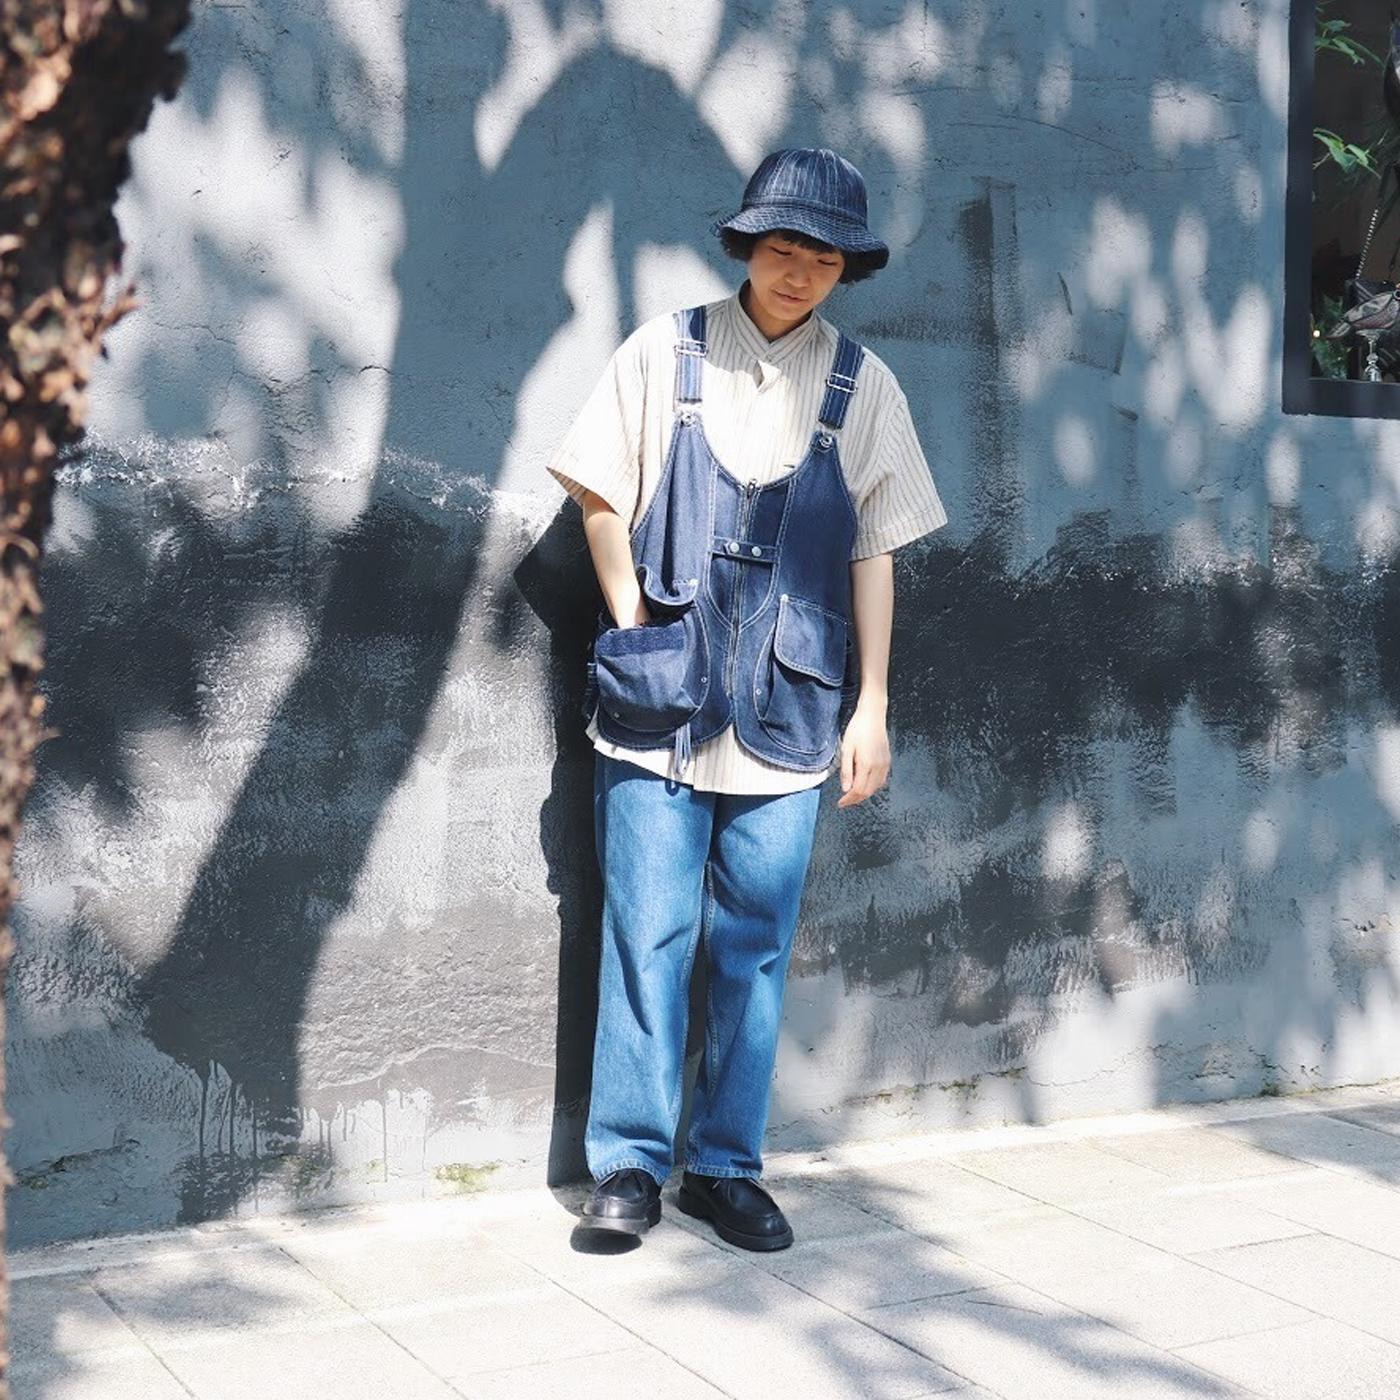 經典單品,經典單品 時尚,經典單品 男,經典單品 英文,穿搭單品,襯衫,t-shirt,素tee,西裝,西裝外套,牛仔外套,丹寧外套,西裝褲,牛仔褲